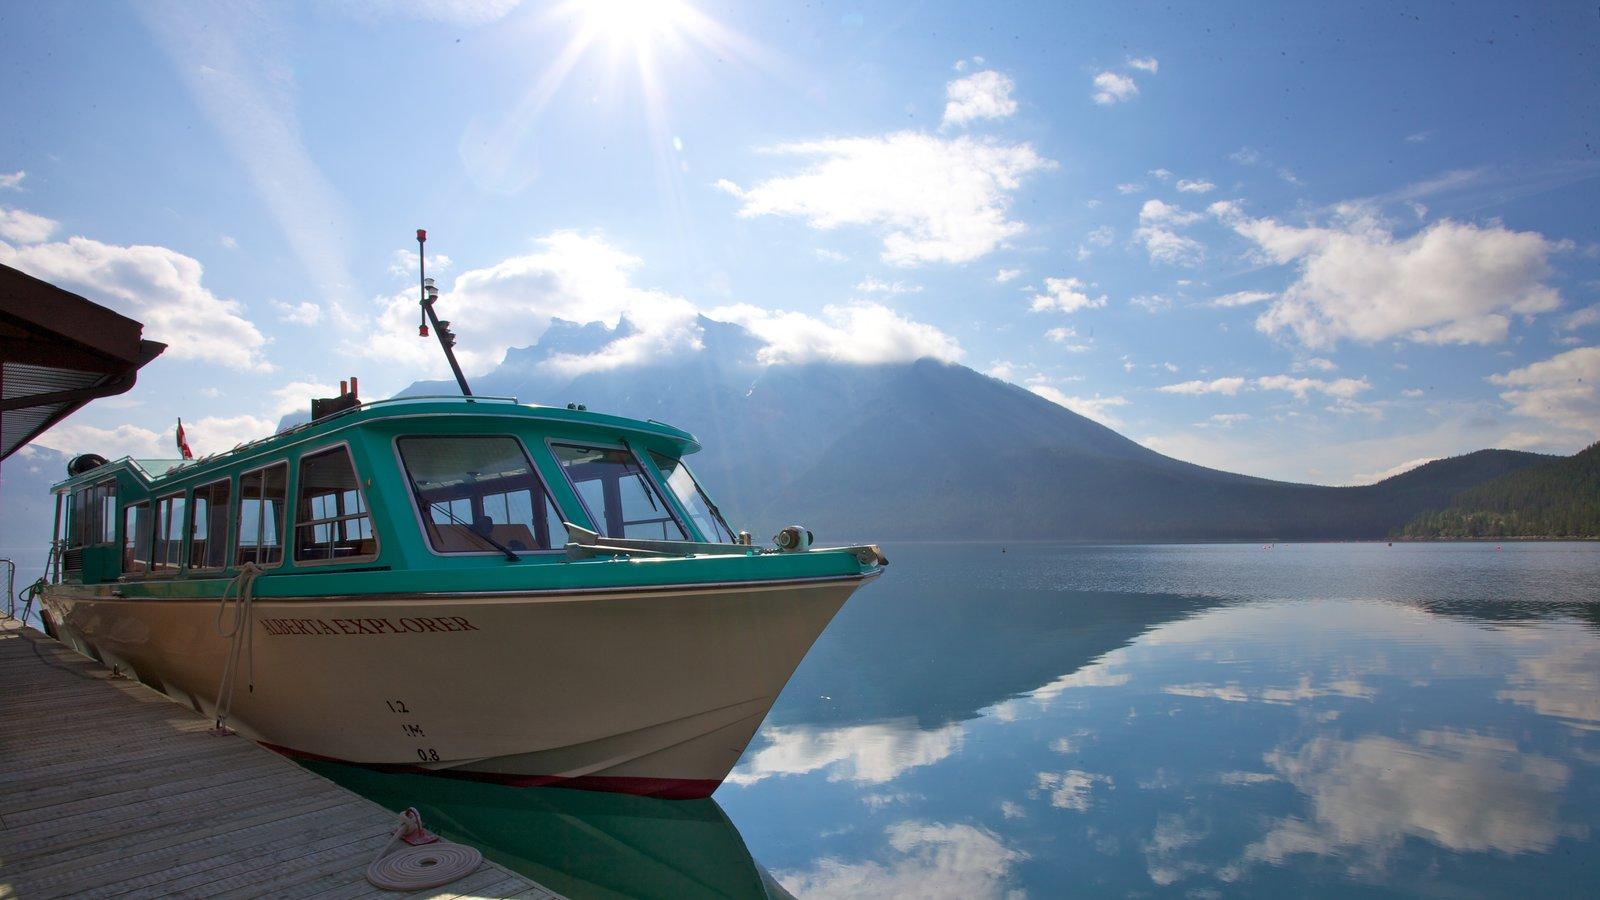 Lake Minnewanka showing a marina, mountains and boating